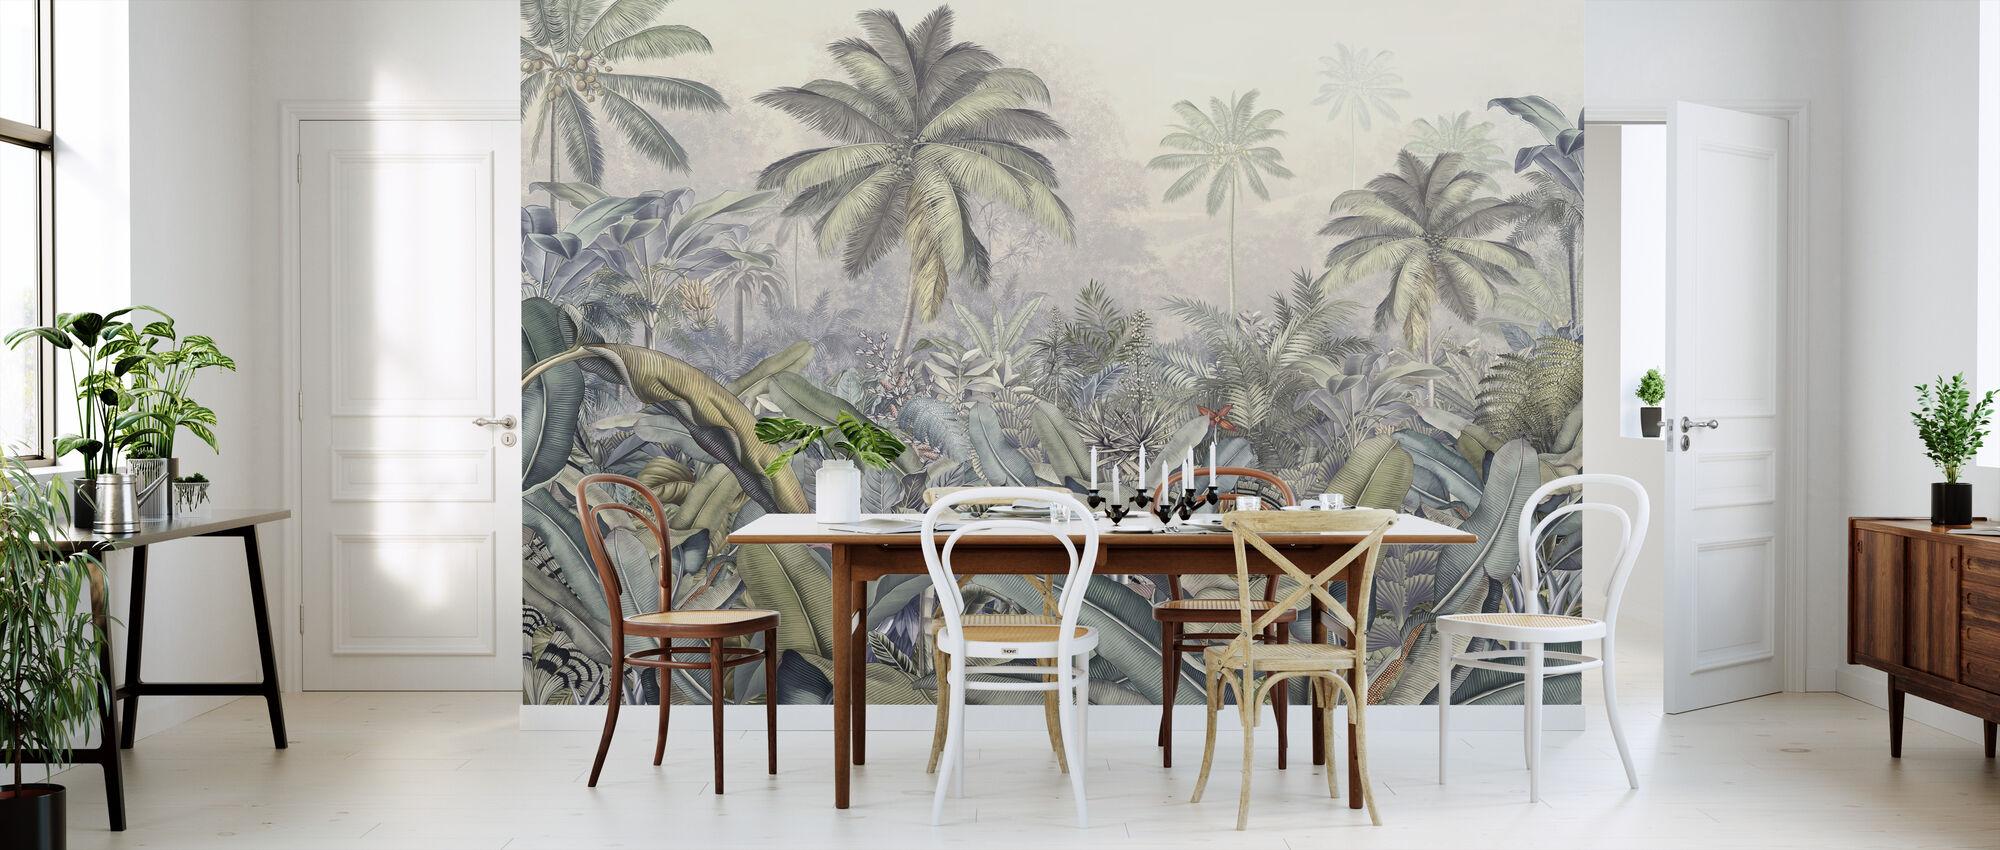 Tropische jungle - Levendig - Behang - Keuken